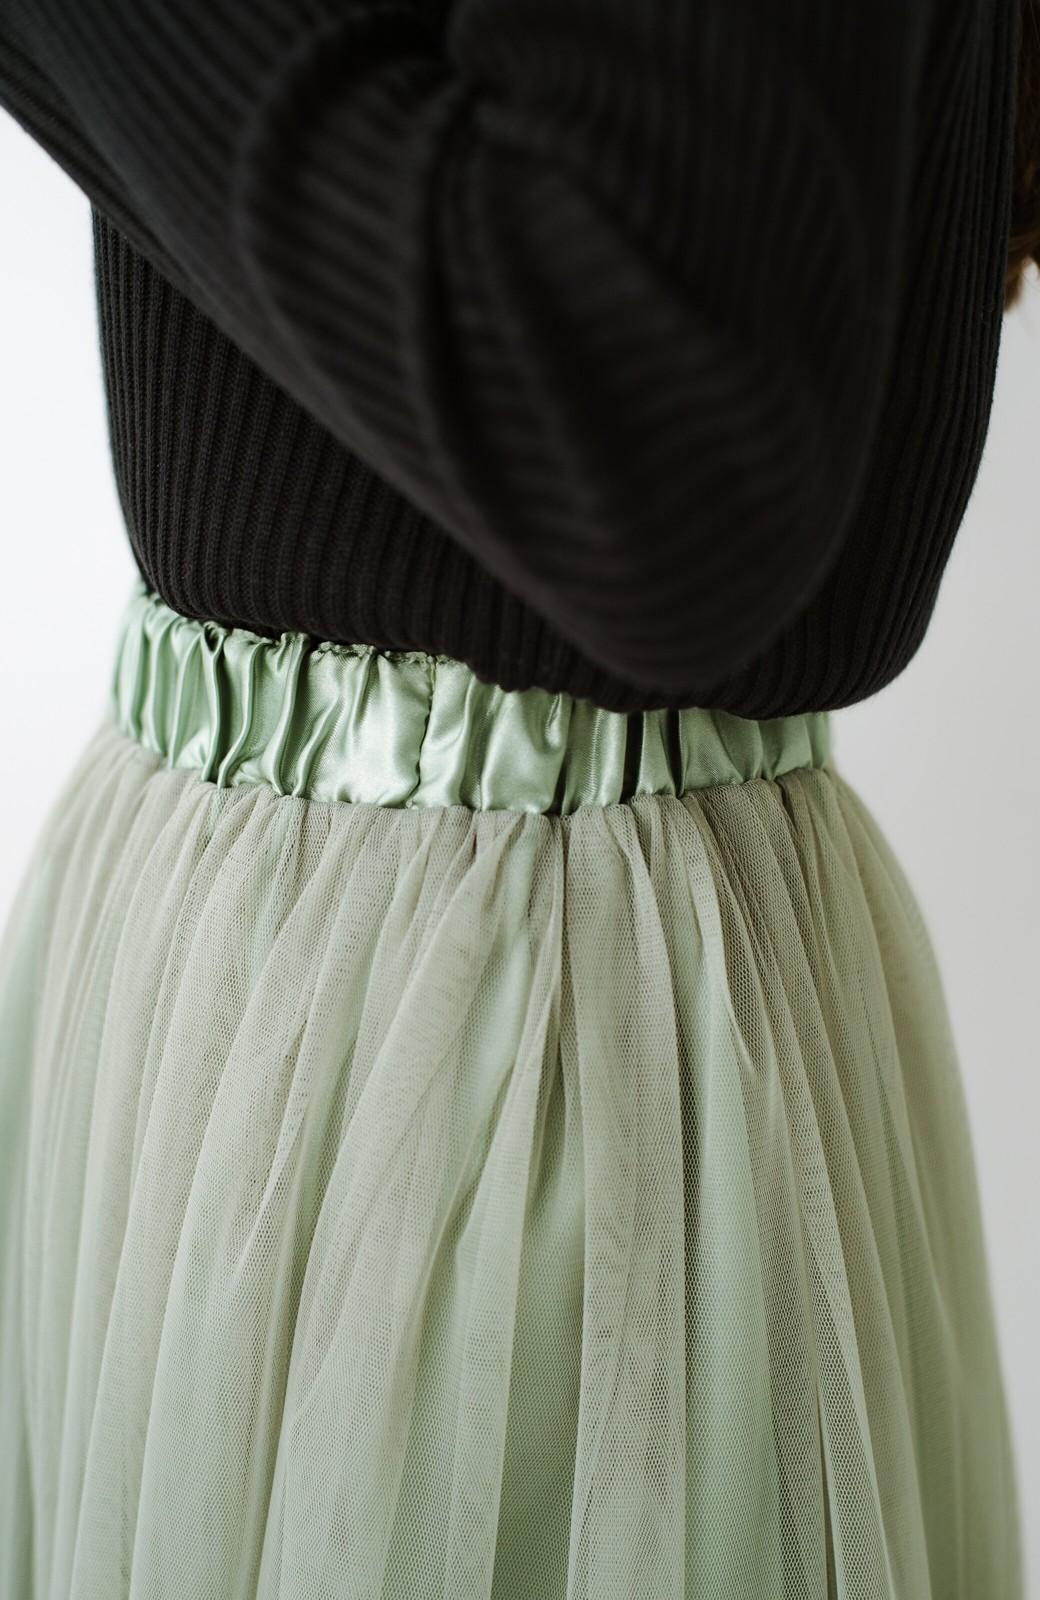 haco! 着るだけでルンとした気分になる! 長ーーい季節着られてずっと使えるオトナのためのチュールスカート <グリーン>の商品写真12